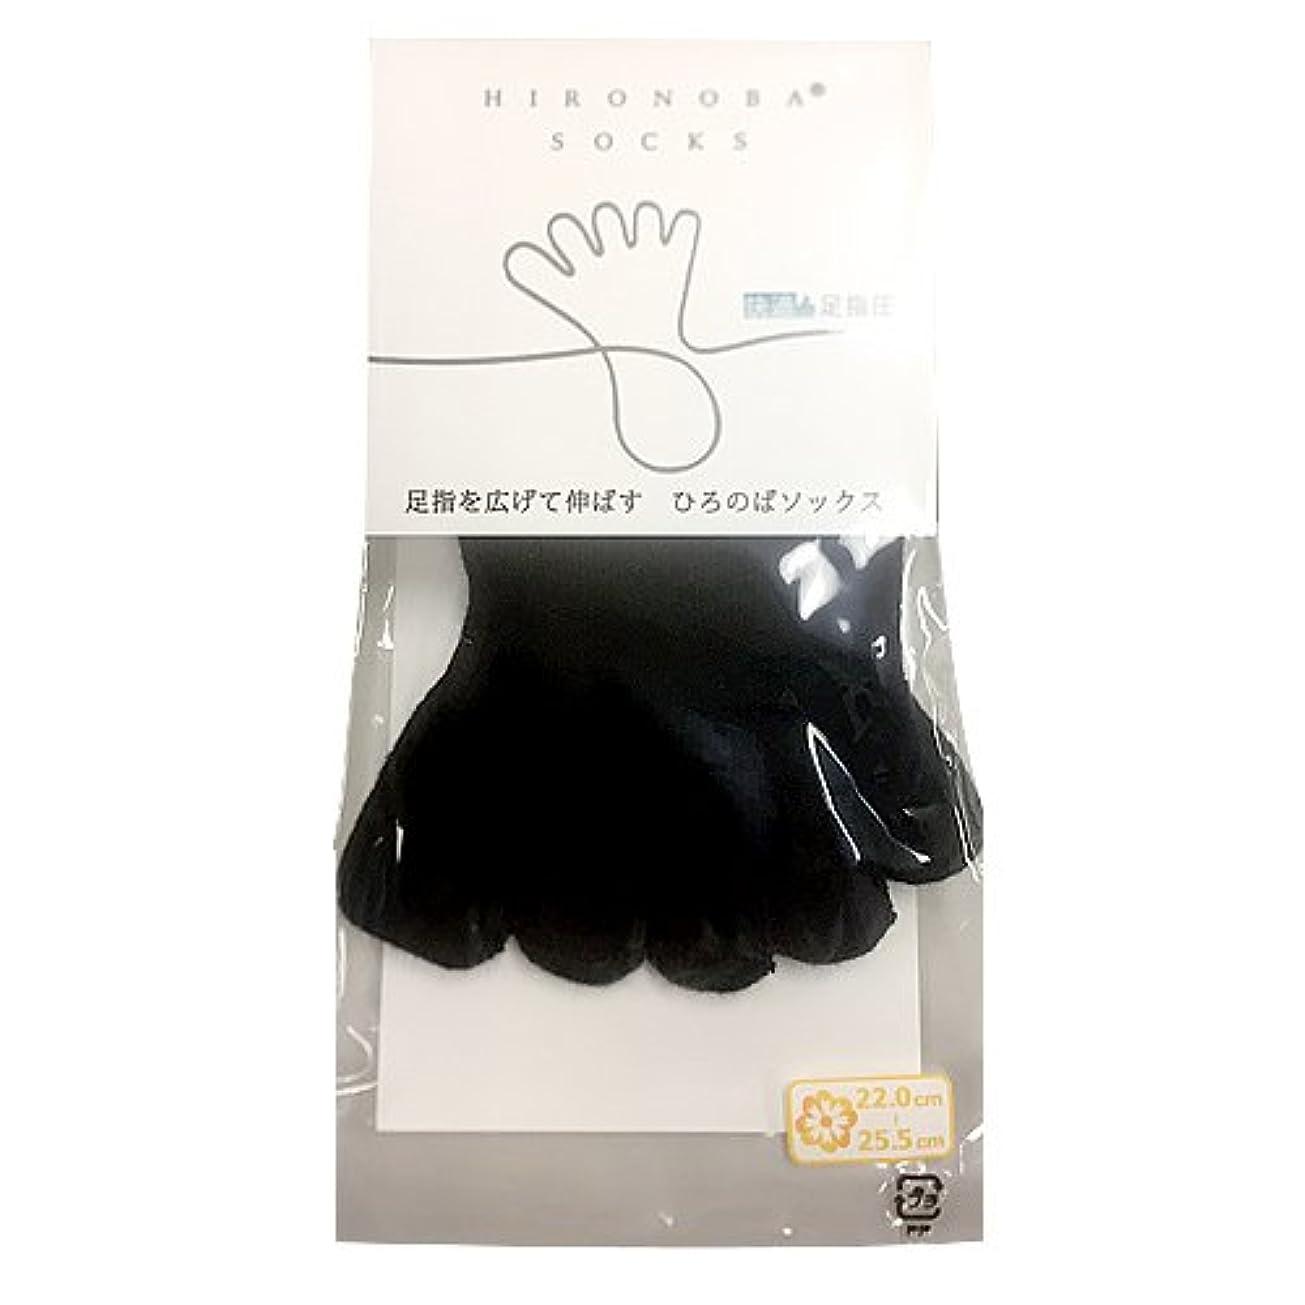 戦争ローブ追い払うひろのば(ゆびのば)ソックス レギュラー ブラック 足長(22~25.5cm) 矯正5本指ソックス